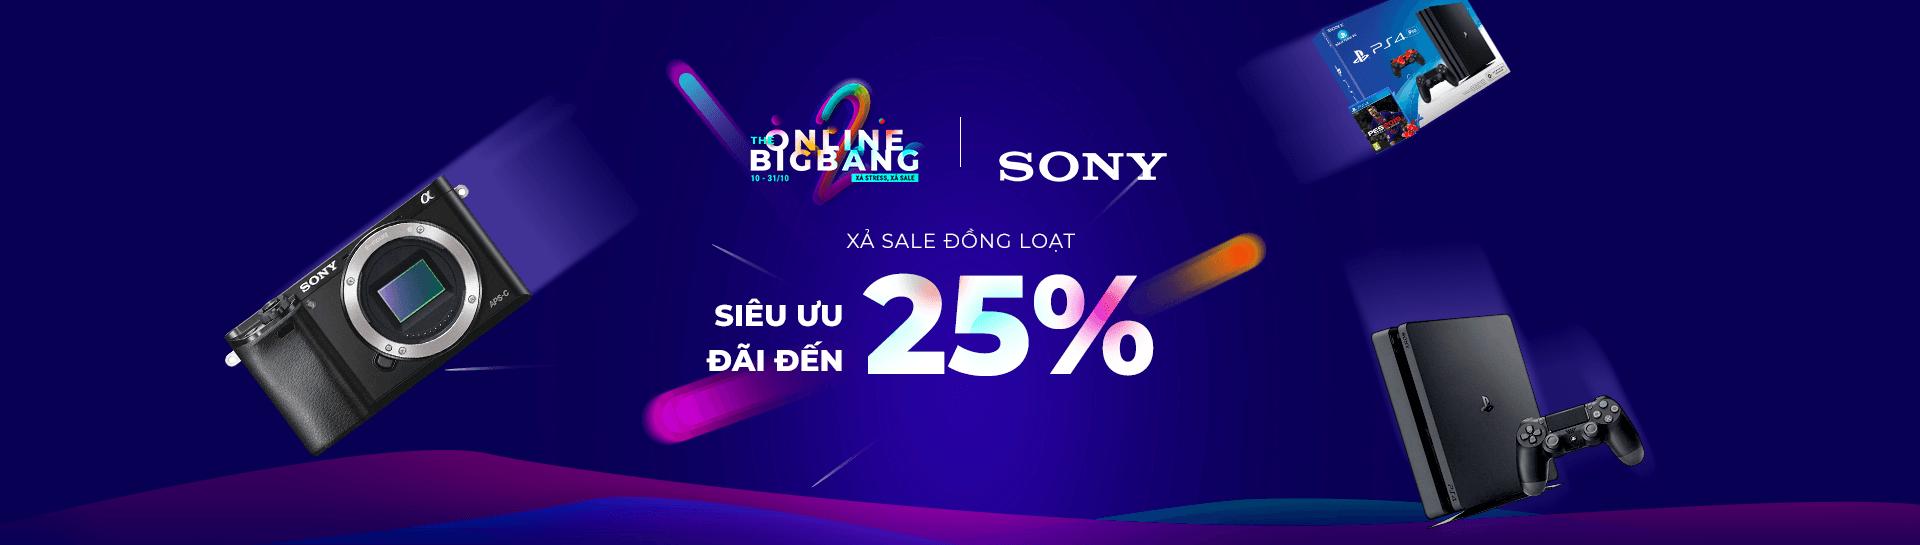 Sony - Siêu ưu đãi đến 45% - Cam Kết Giá Tốt